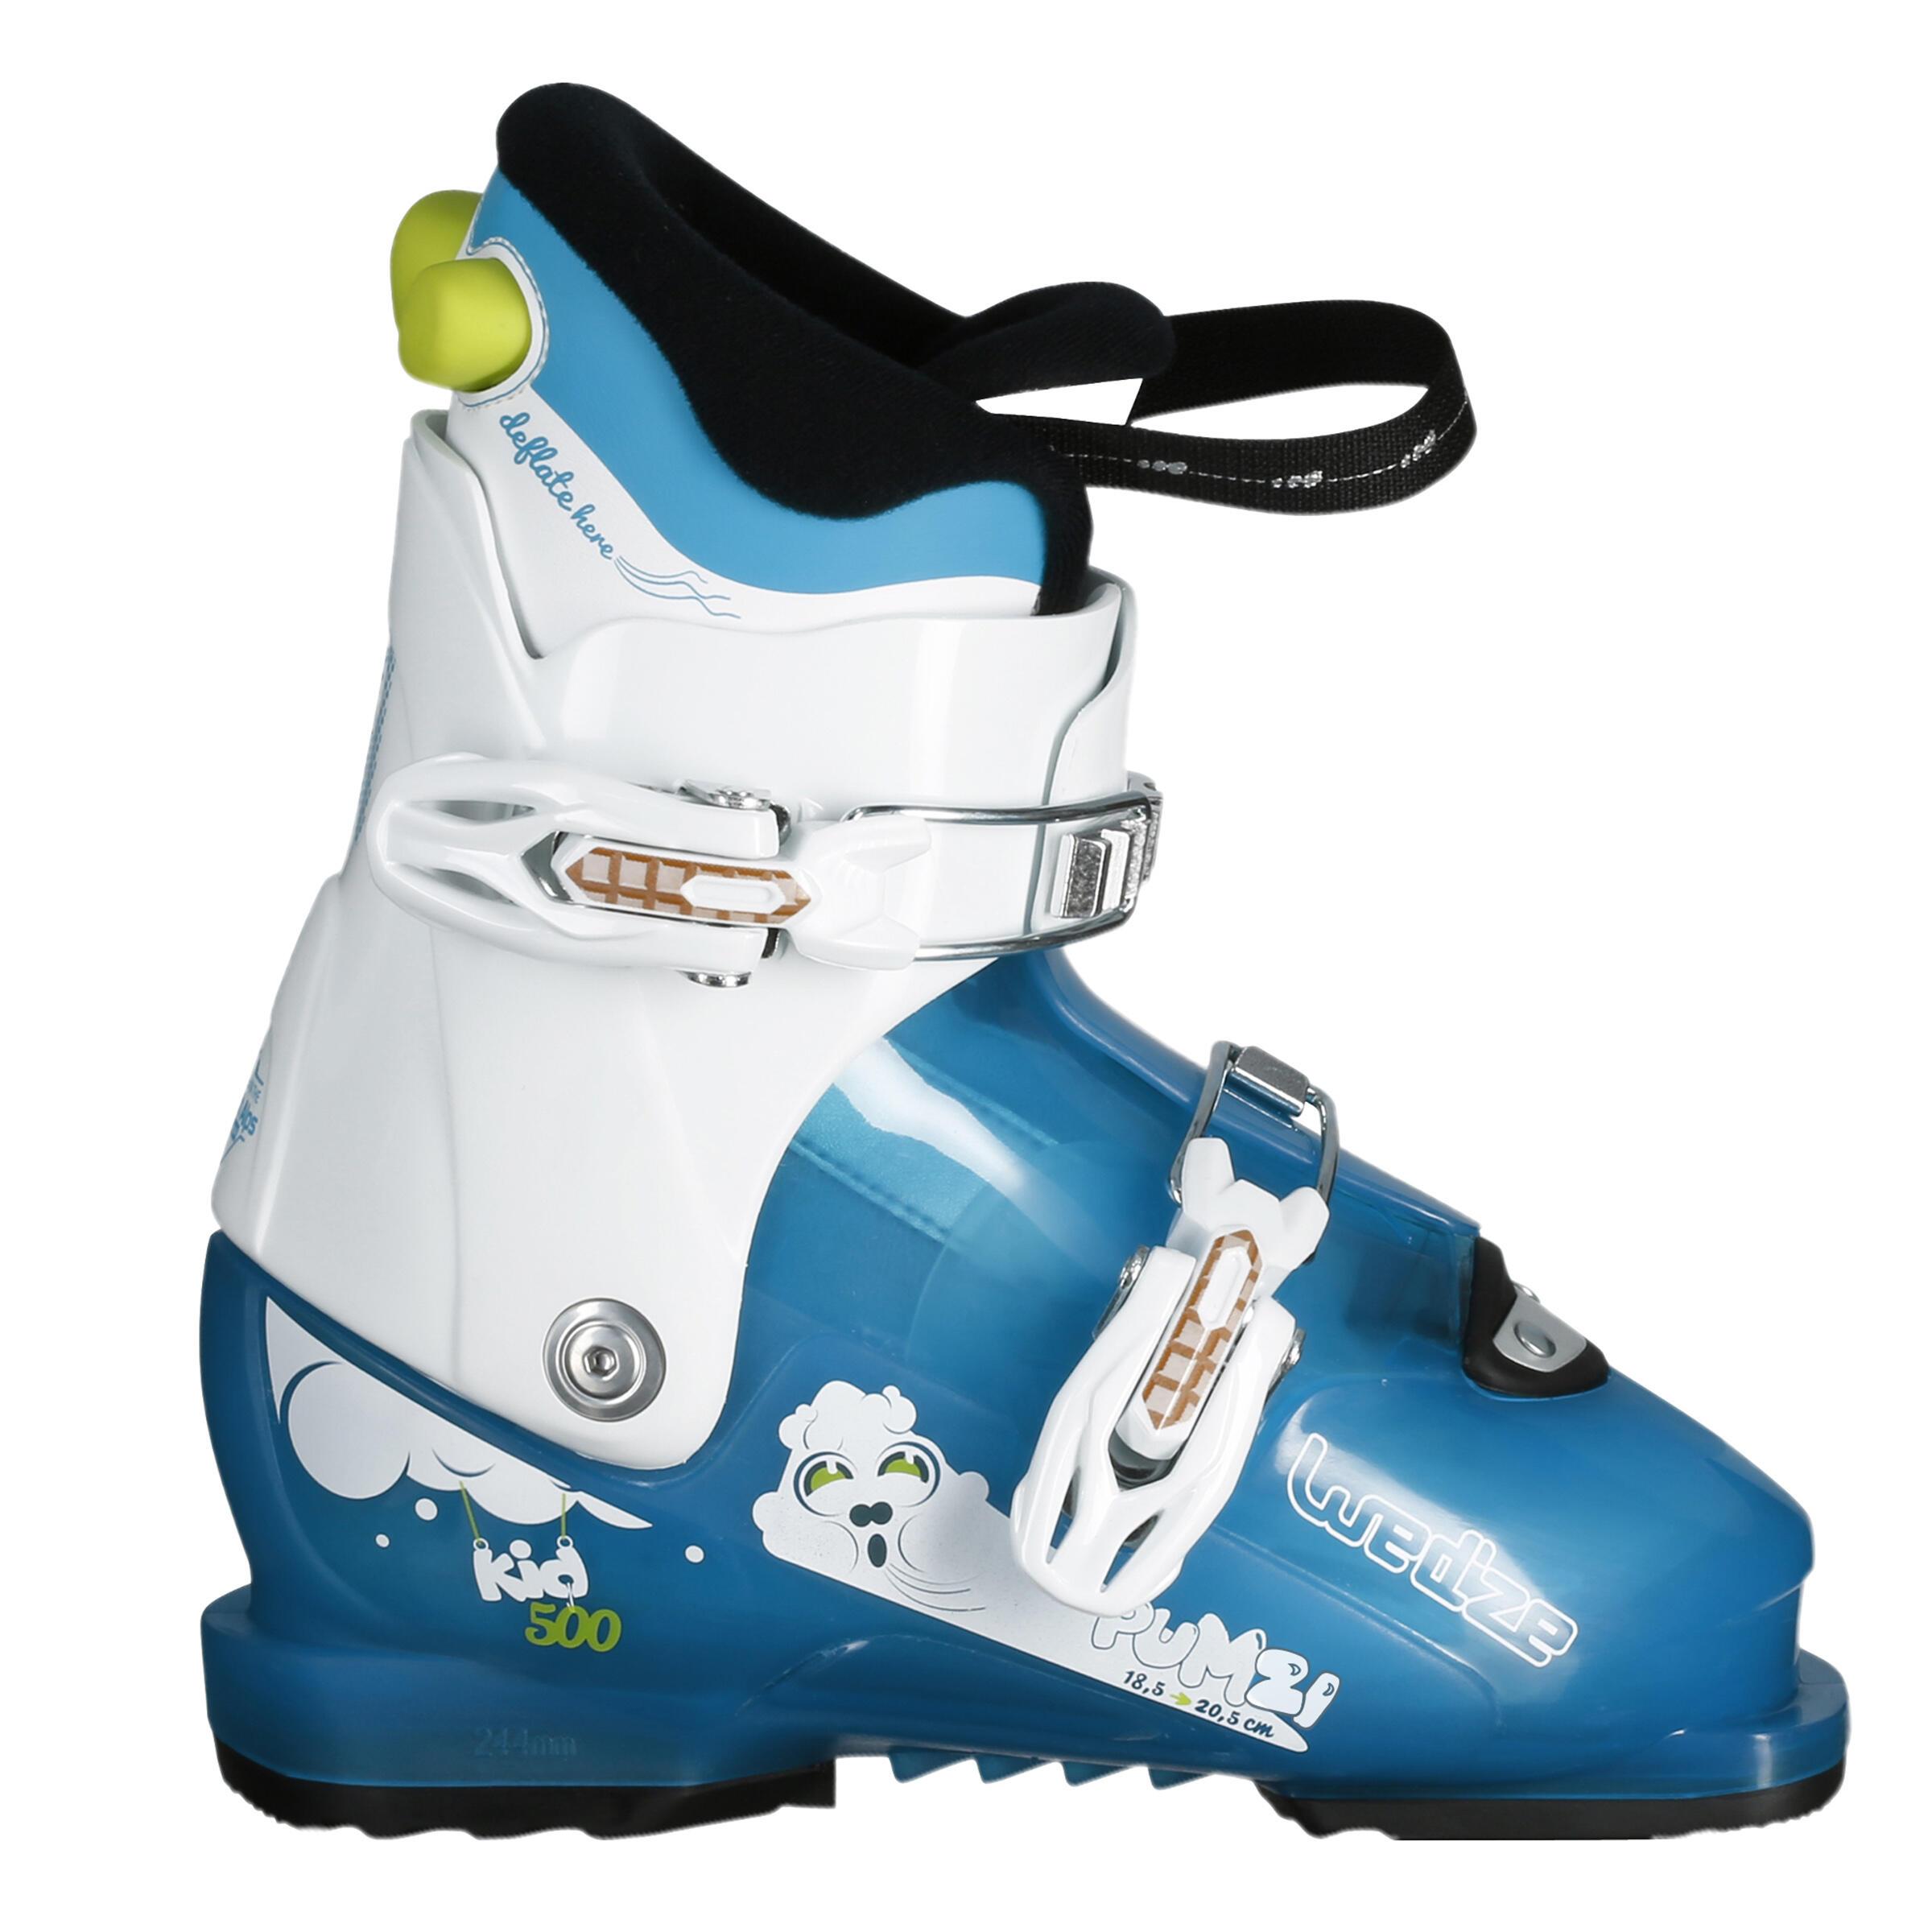 Skischuhe Boots Pumzi 500 Kleinkinder blau